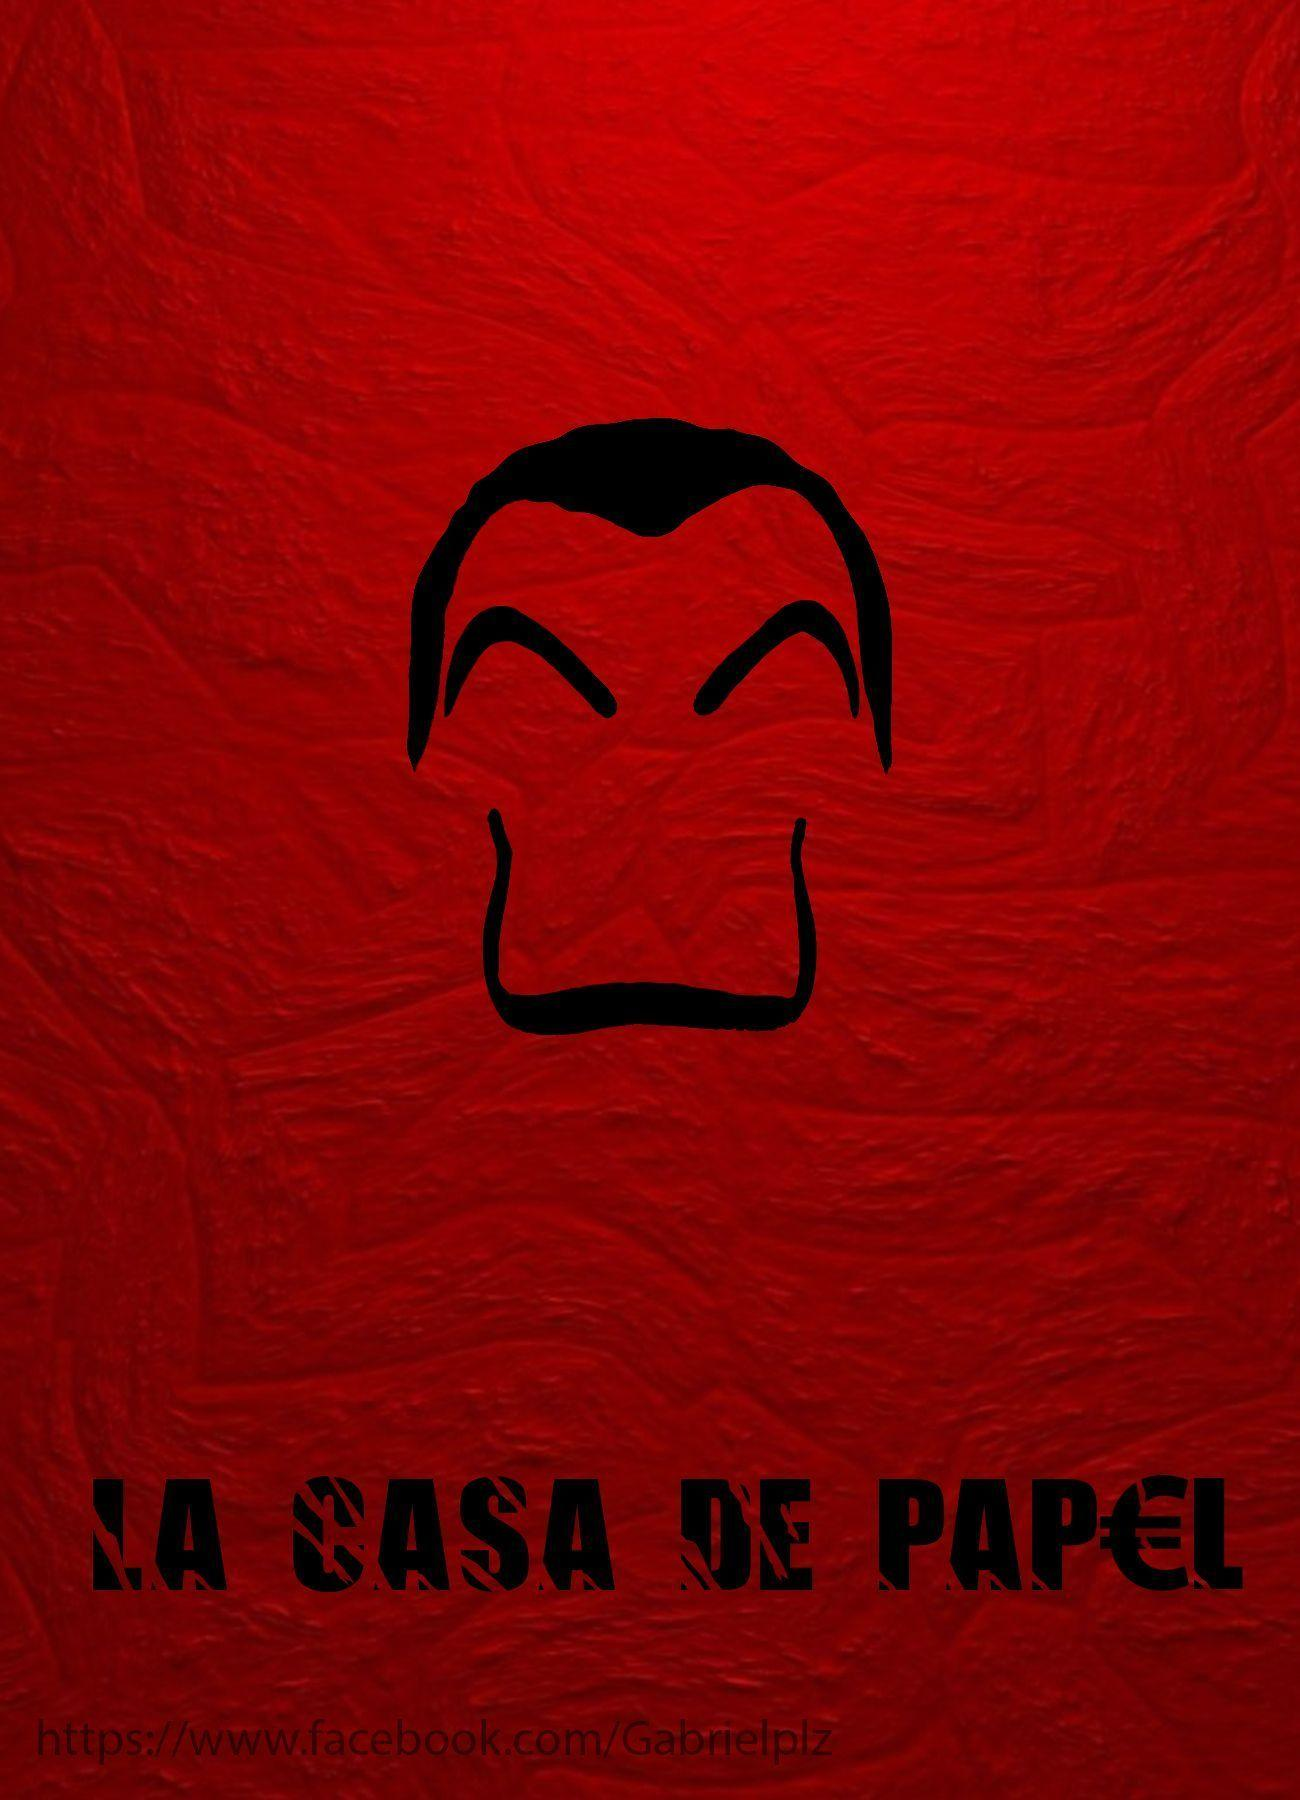 Professor La Casa De Papel Wallpapers - Wallpaper Cave